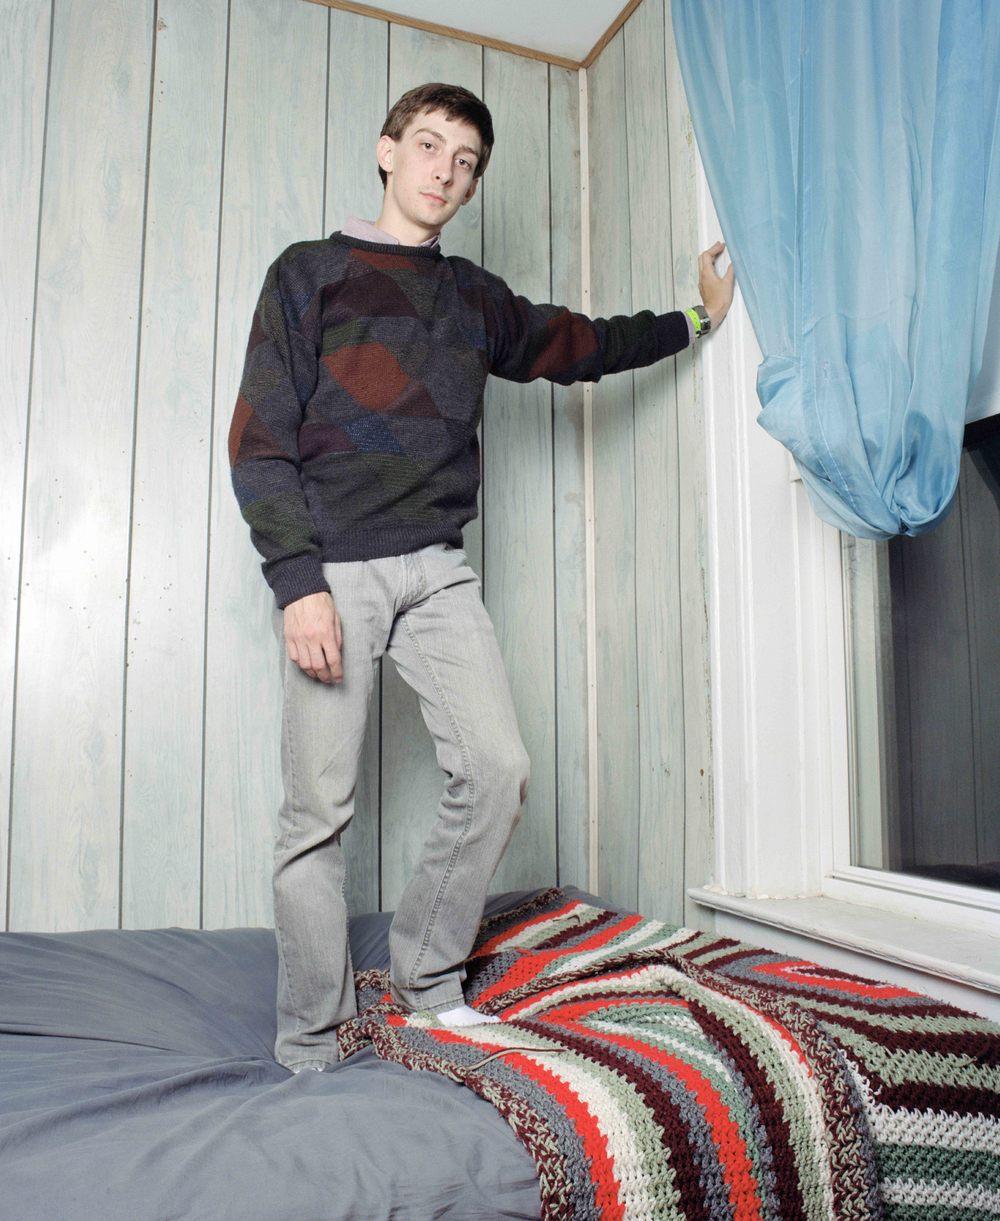 Jason, 2008